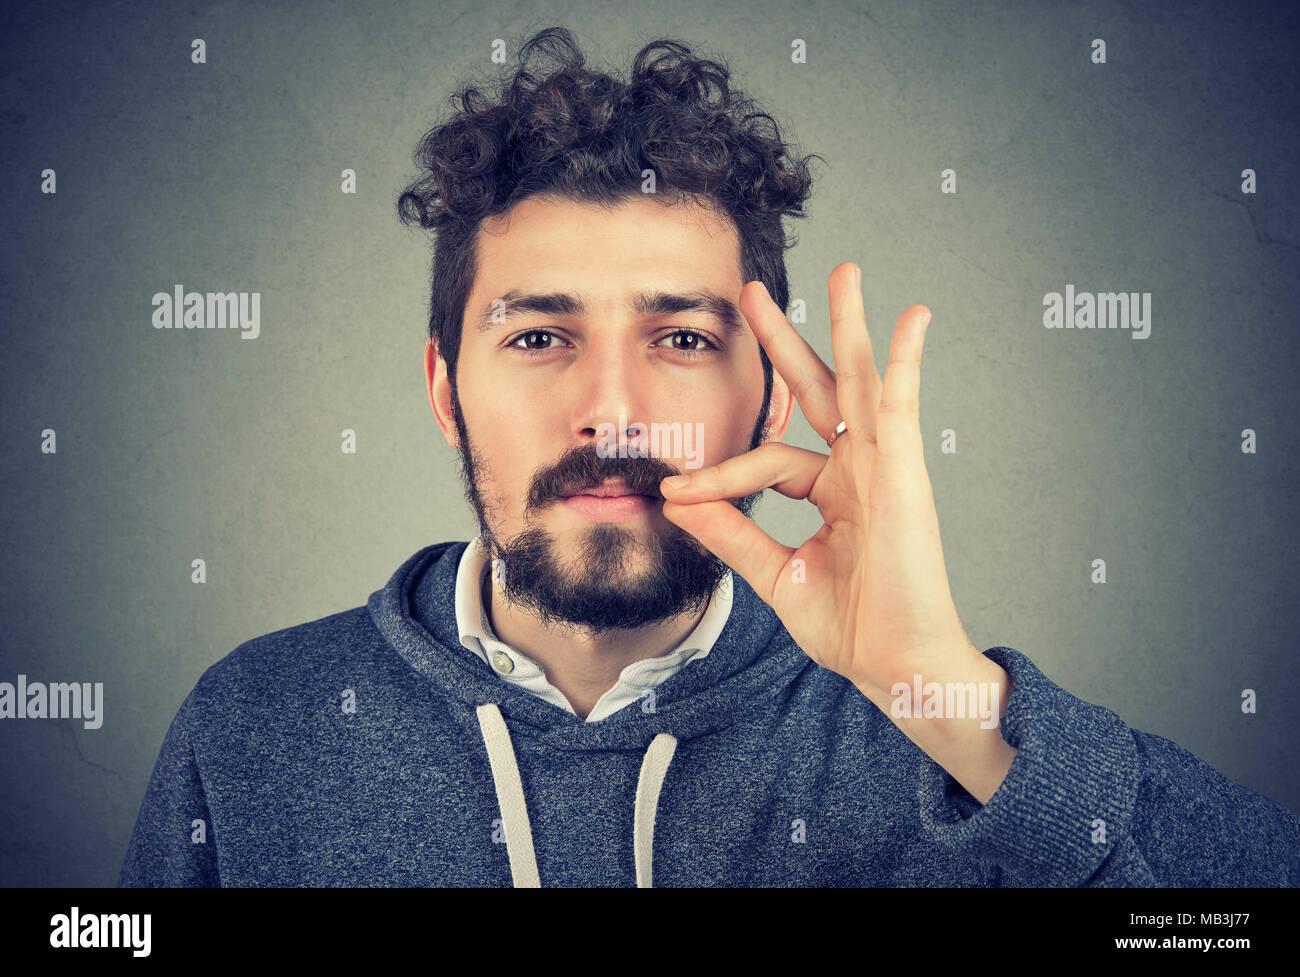 Zuversichtlich ernster Mann zippen Mund halten vertrauliche Daten Kamera schaut. Stockbild